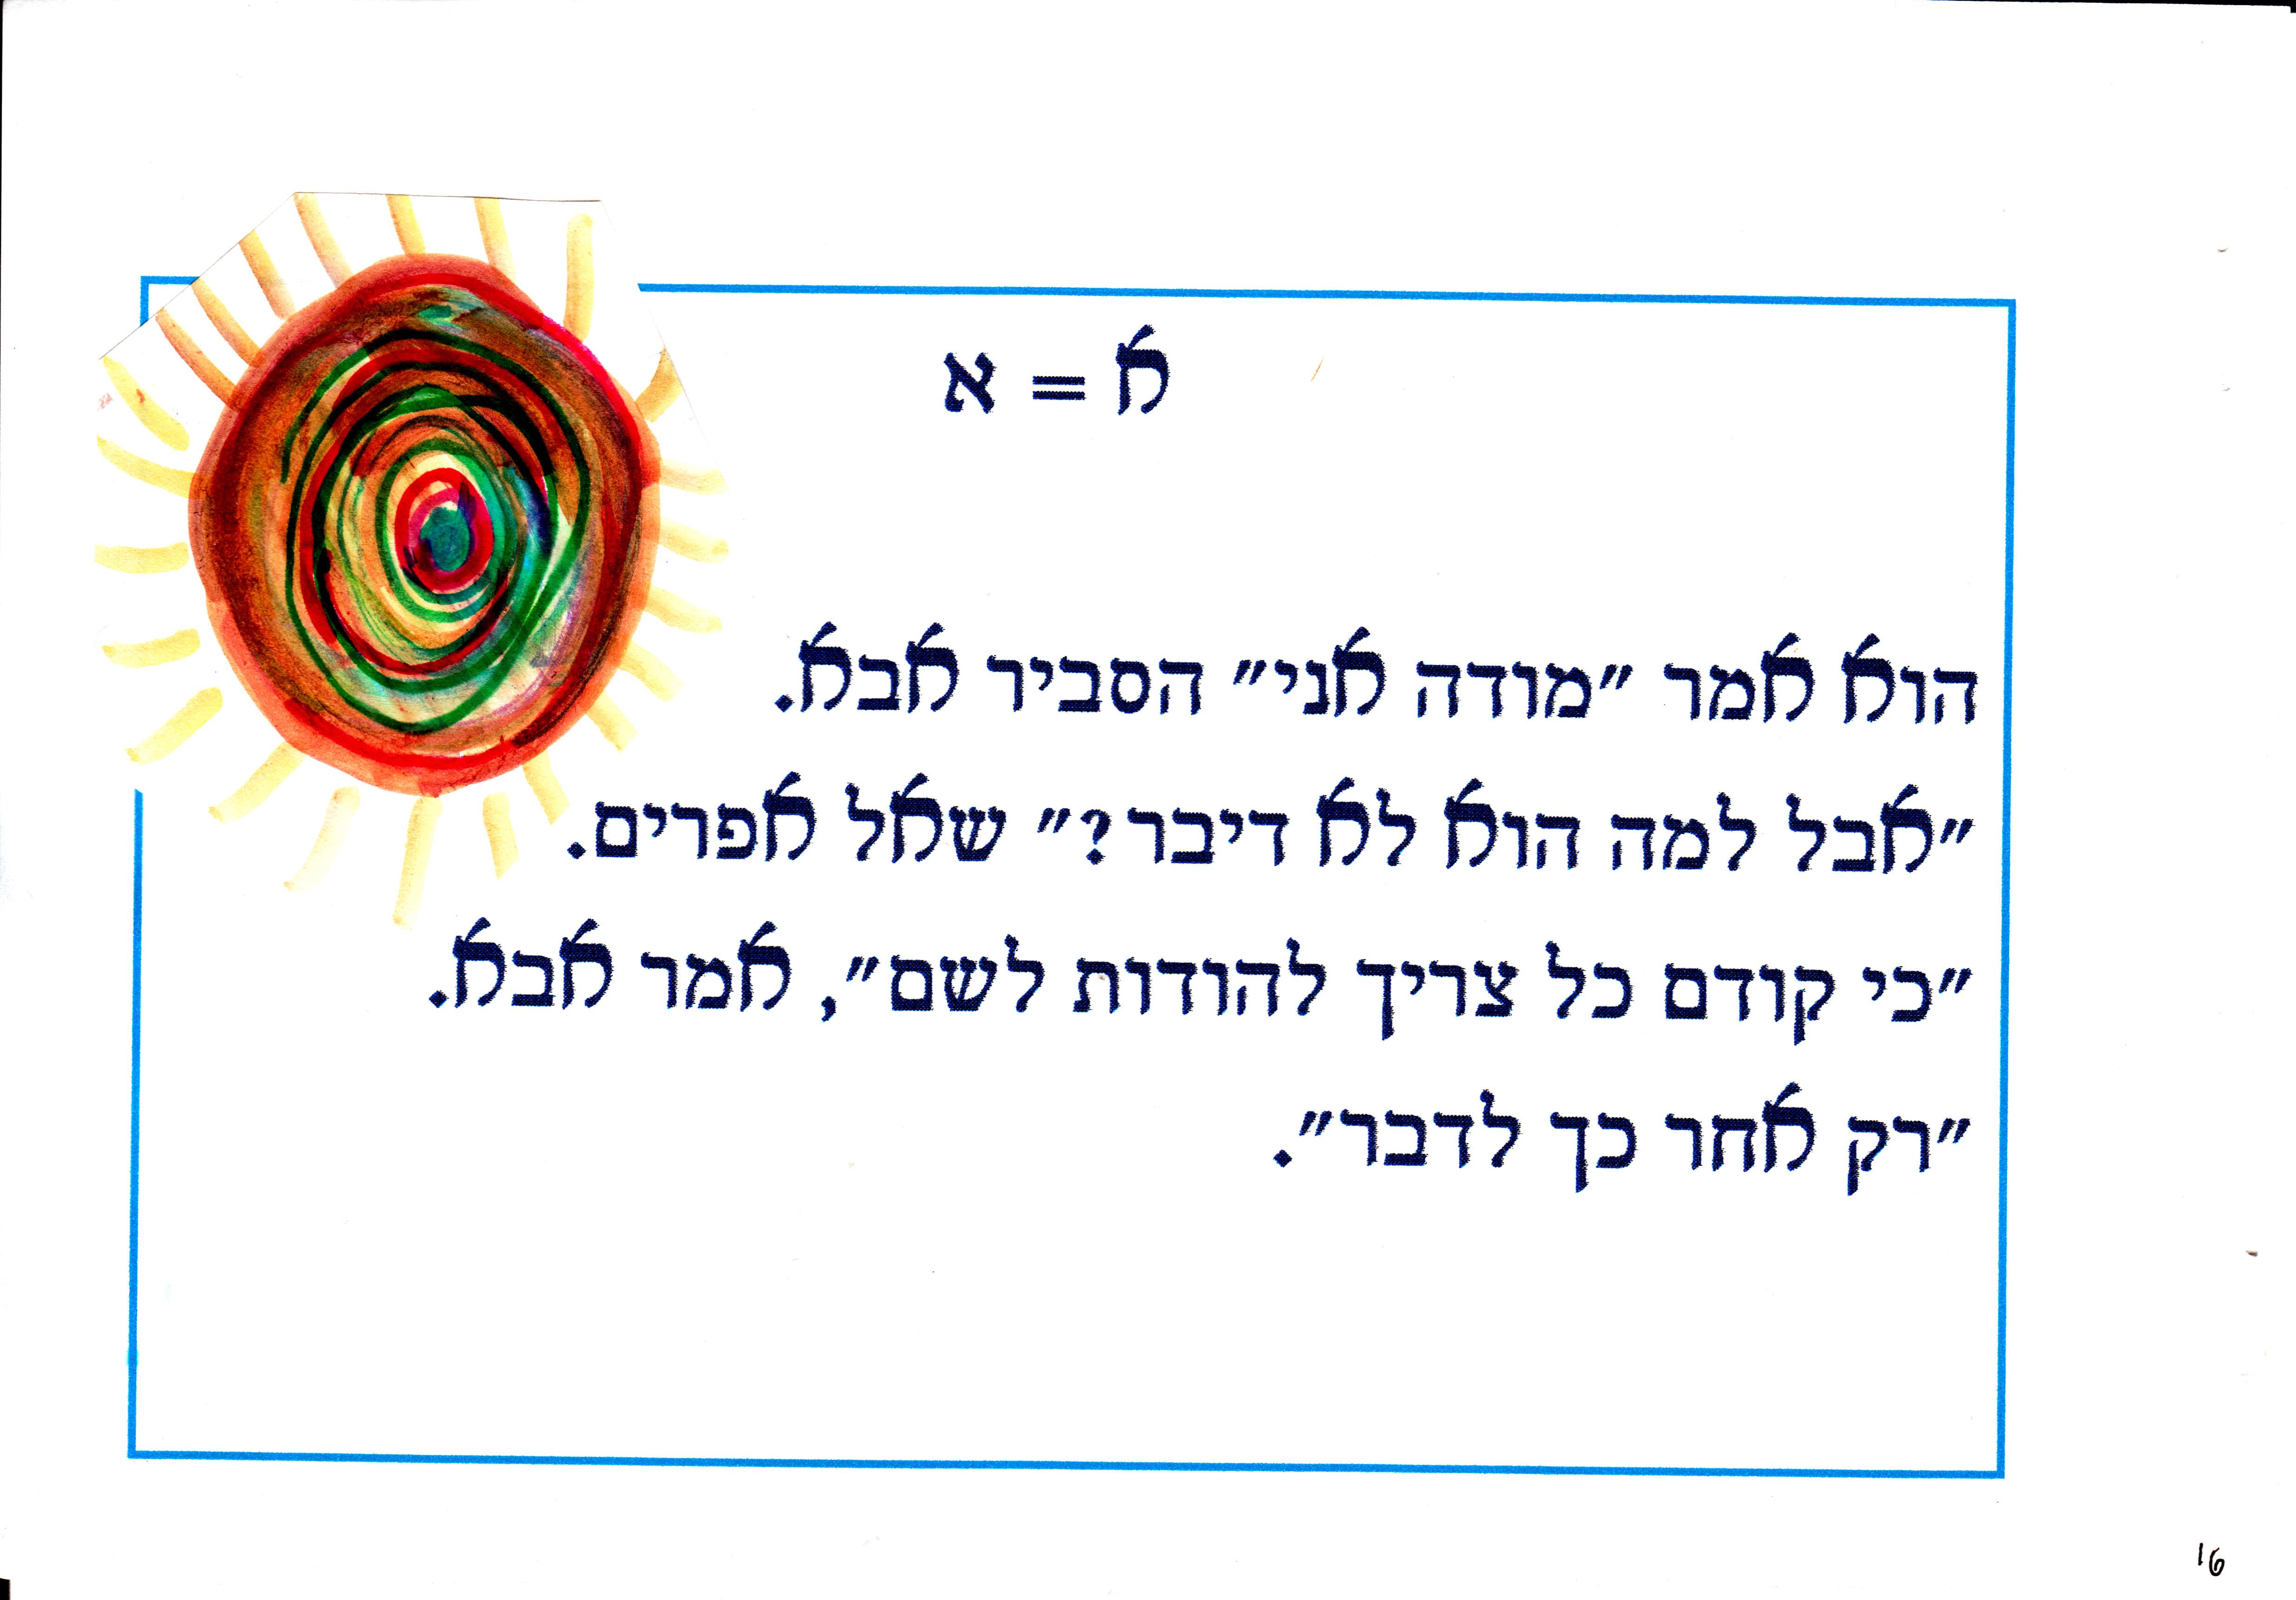 rashibarosh_0016